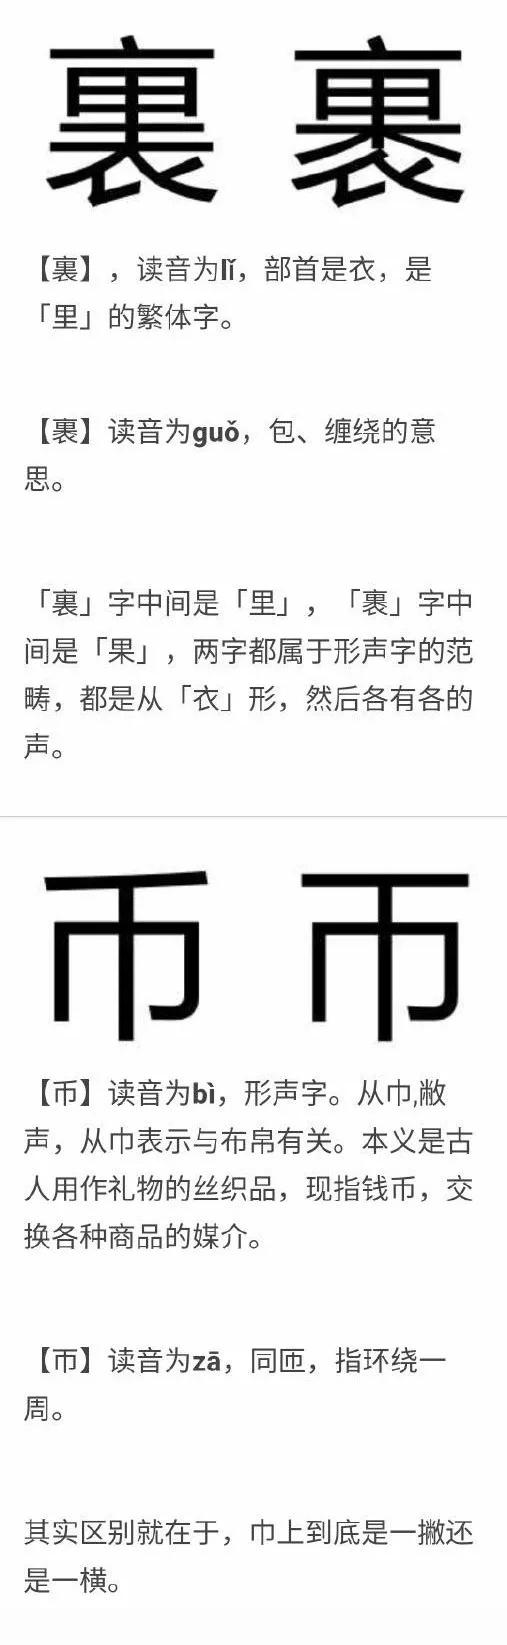 相似漢字07